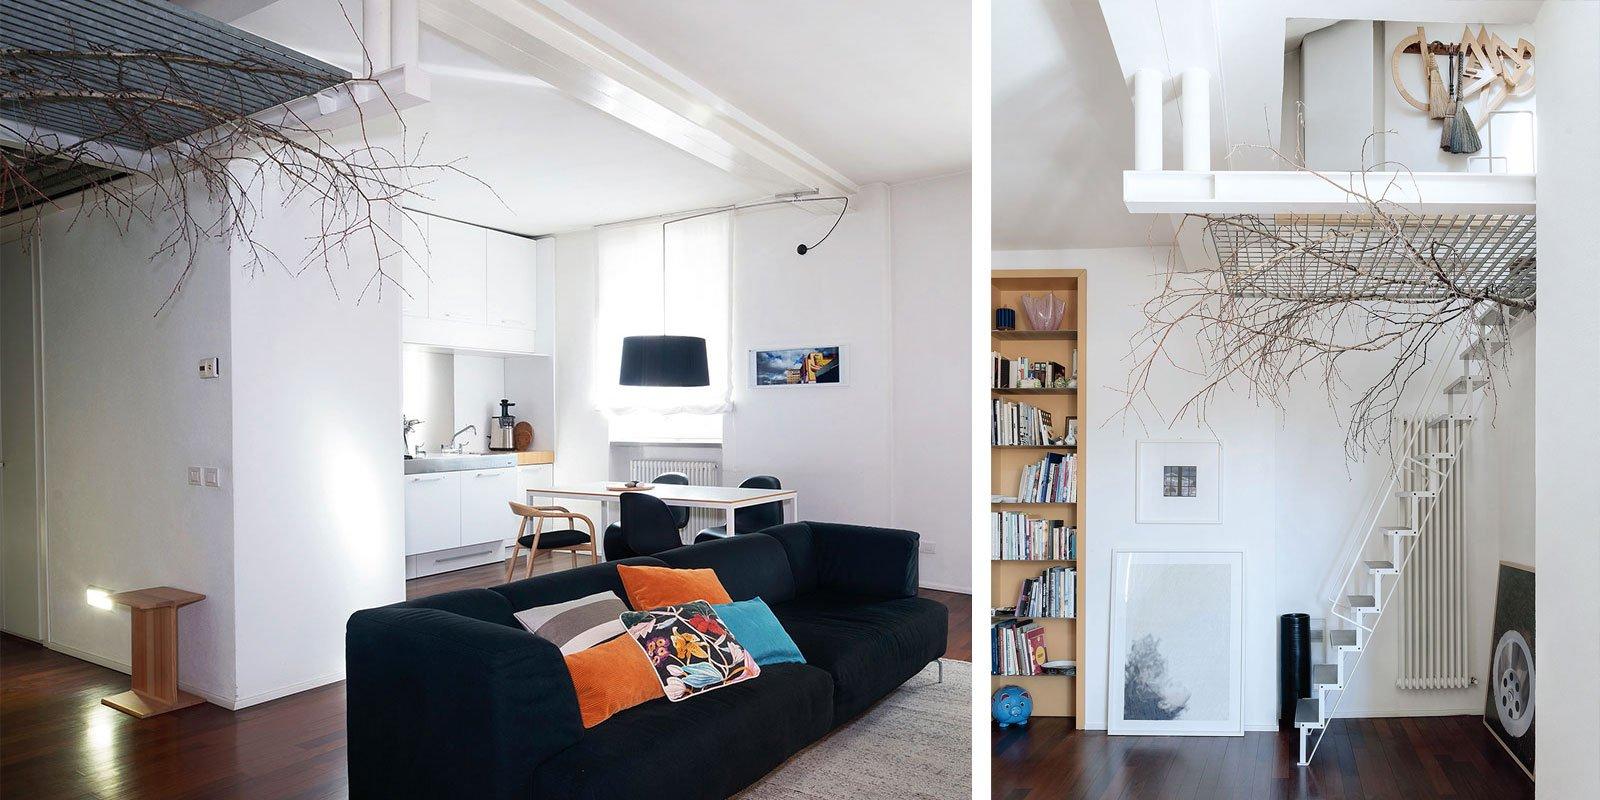 Una casa con soluzioni da copiare factory urbano con mini for Soppalco d arredo